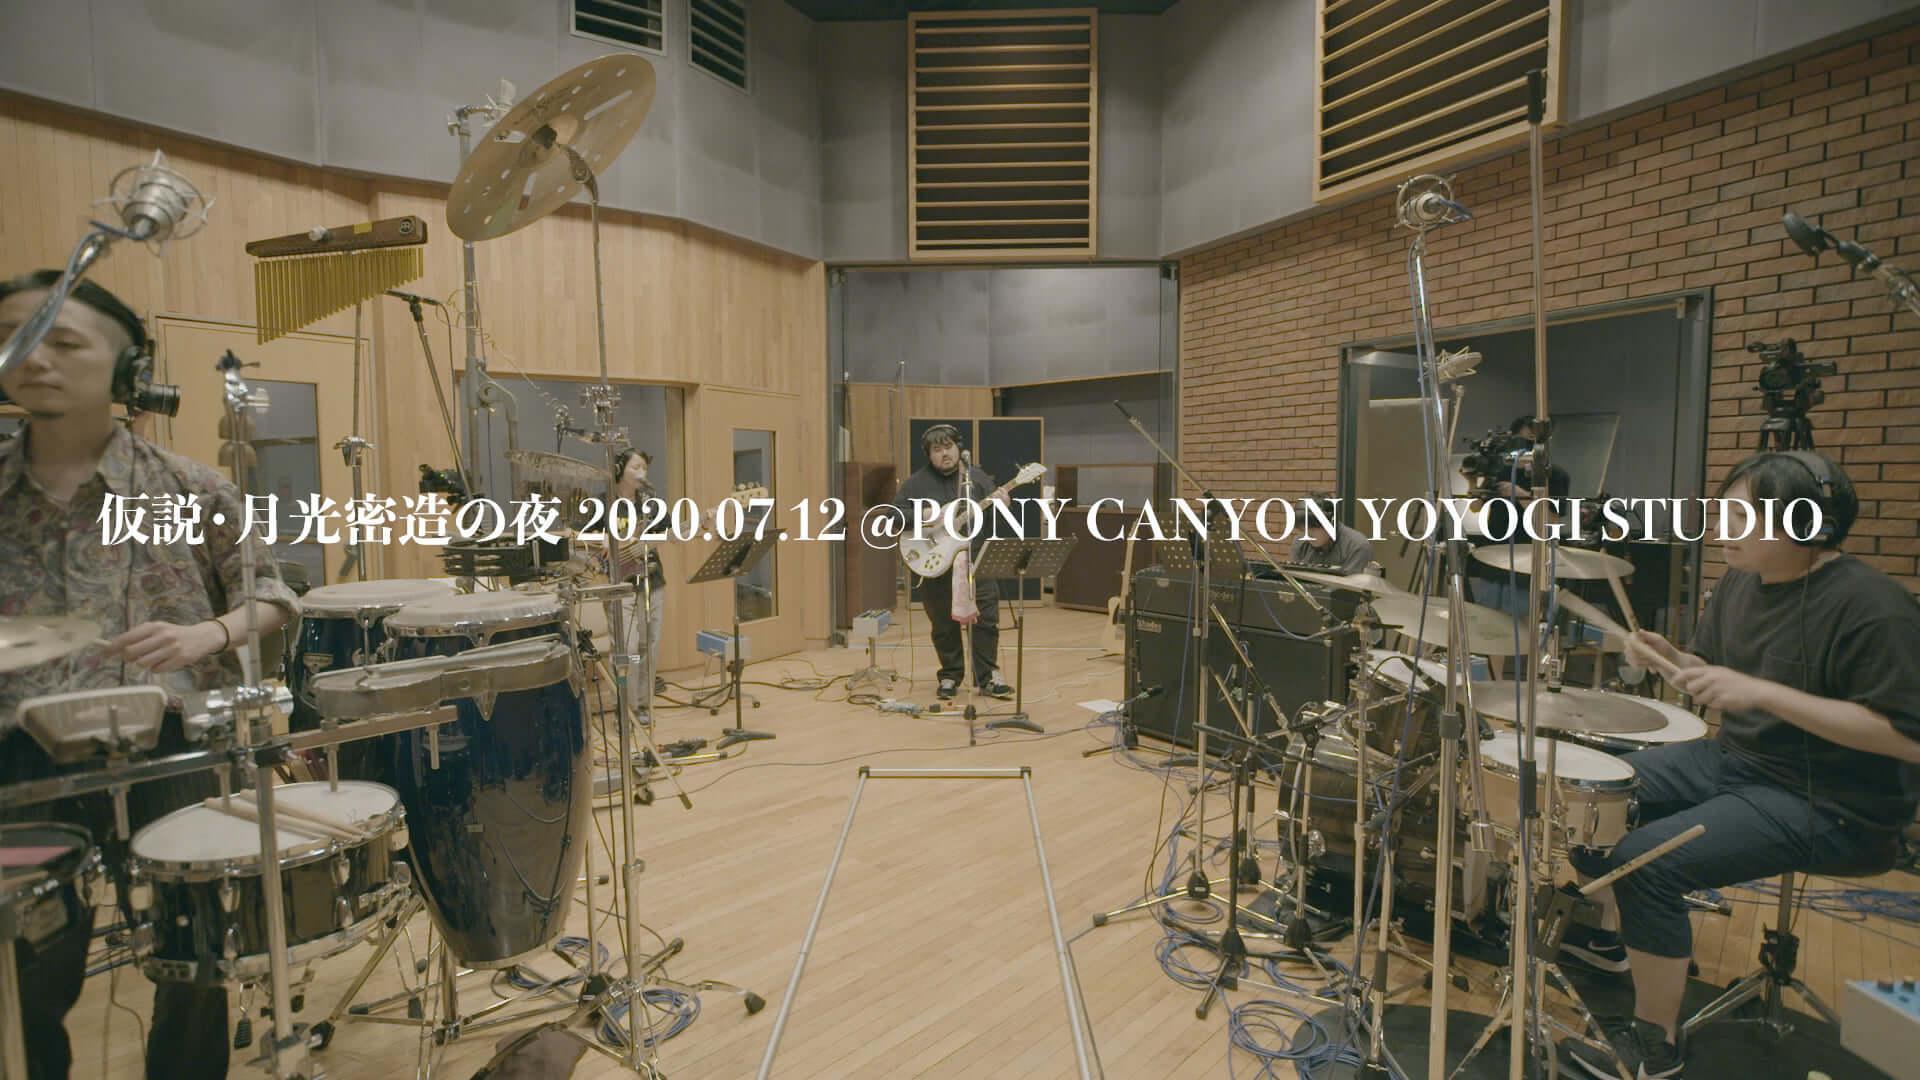 スカートがバンドセット初のライブ配信<仮説・月光密造の夜>を始動!〈カクバリズム〉YouTubeチャンネルにてプレミア公開決定 music200731_skirt_live_2-1920x1080